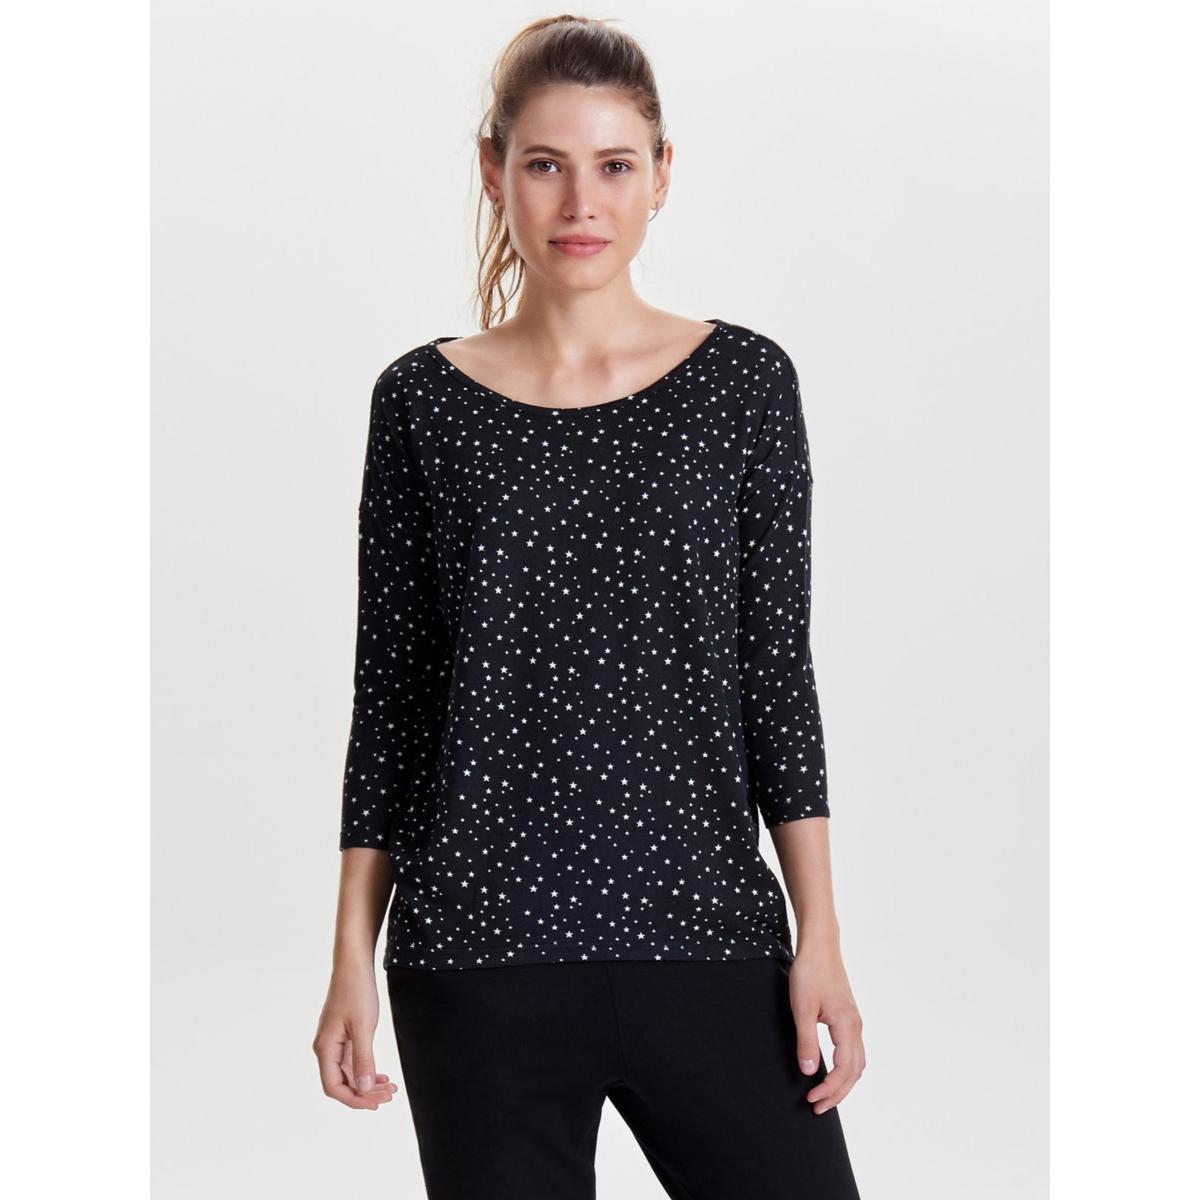 onlelcos 4/5 aop top jrs noos 15144286 only t-shirt black/w. cloud d